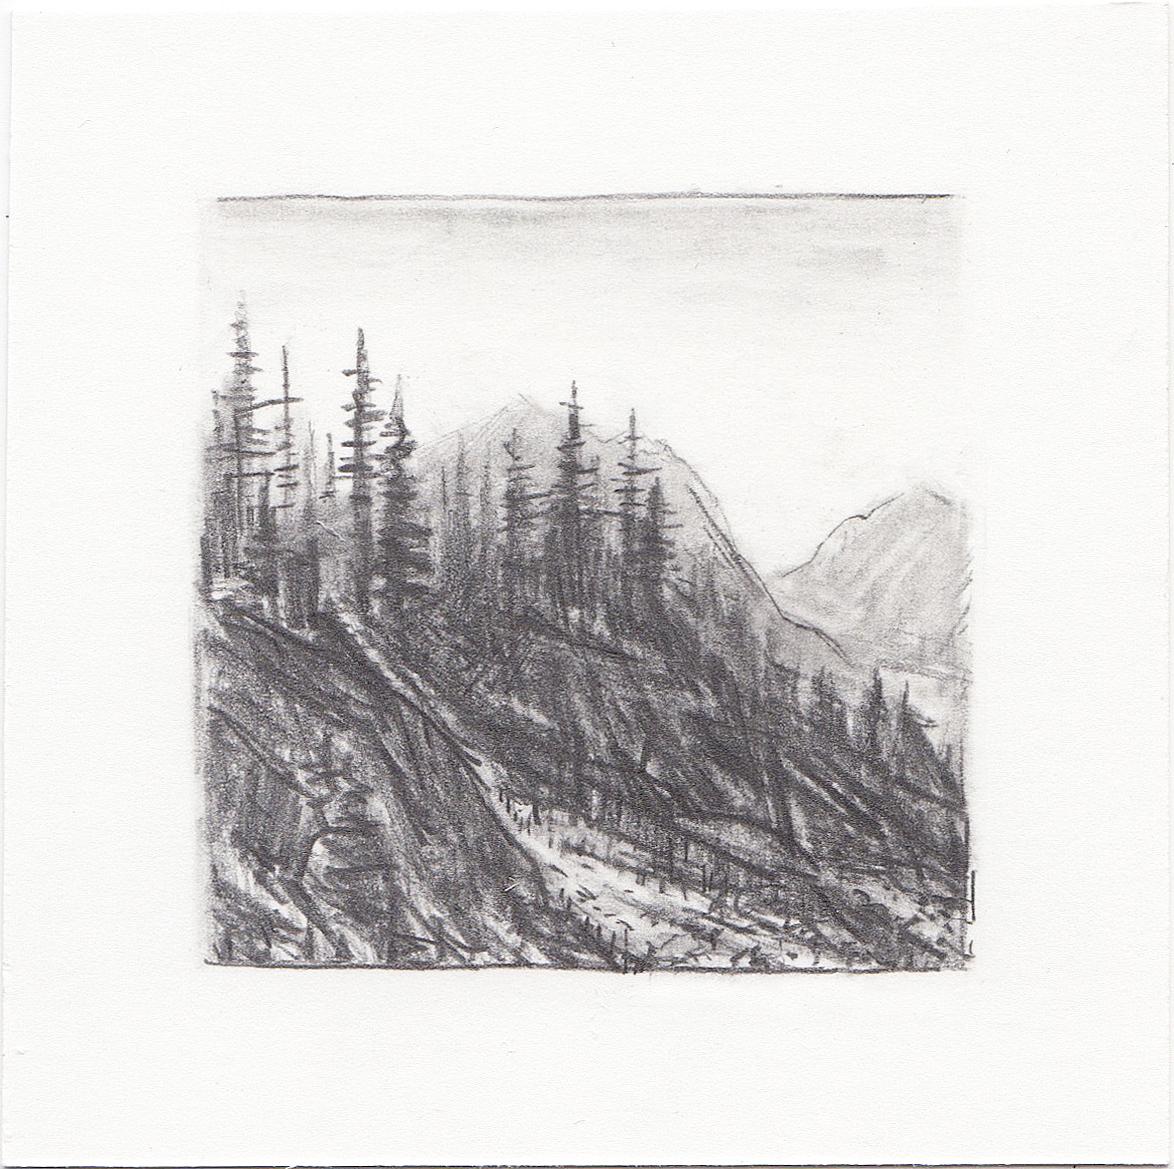 #20 Catherine's Pass, Albian Basin, Utah | 3x3 | graphite